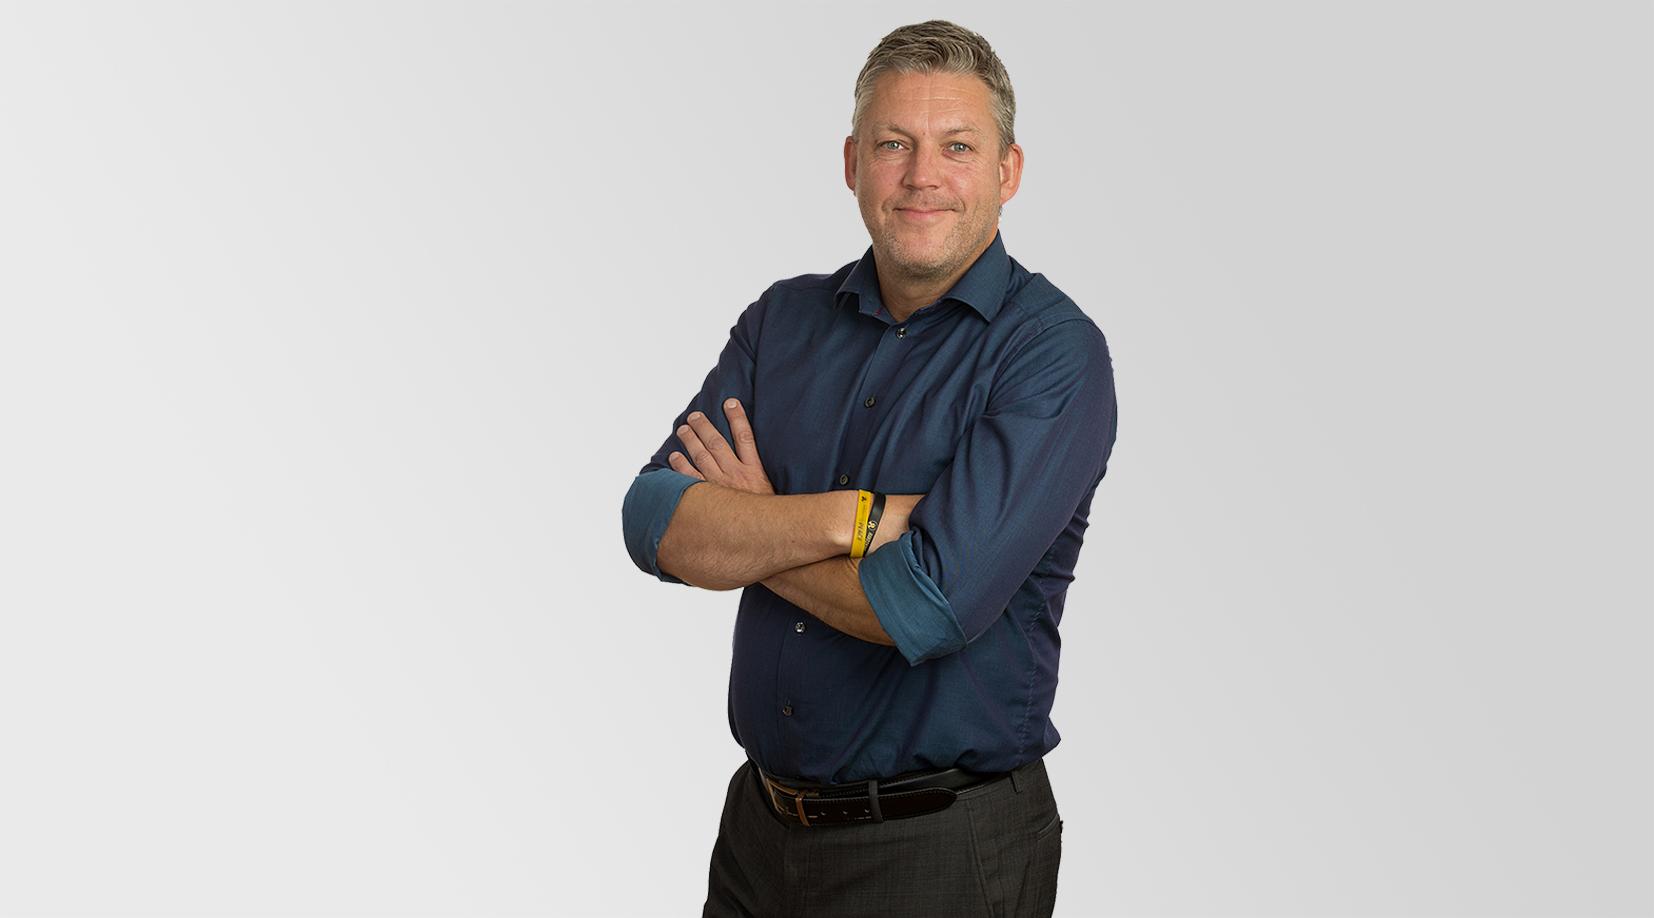 Christian Haugen er næringsutvikler i Næringsforeningen i Trondheimsregionen. Foto: Gry Karin Stimo